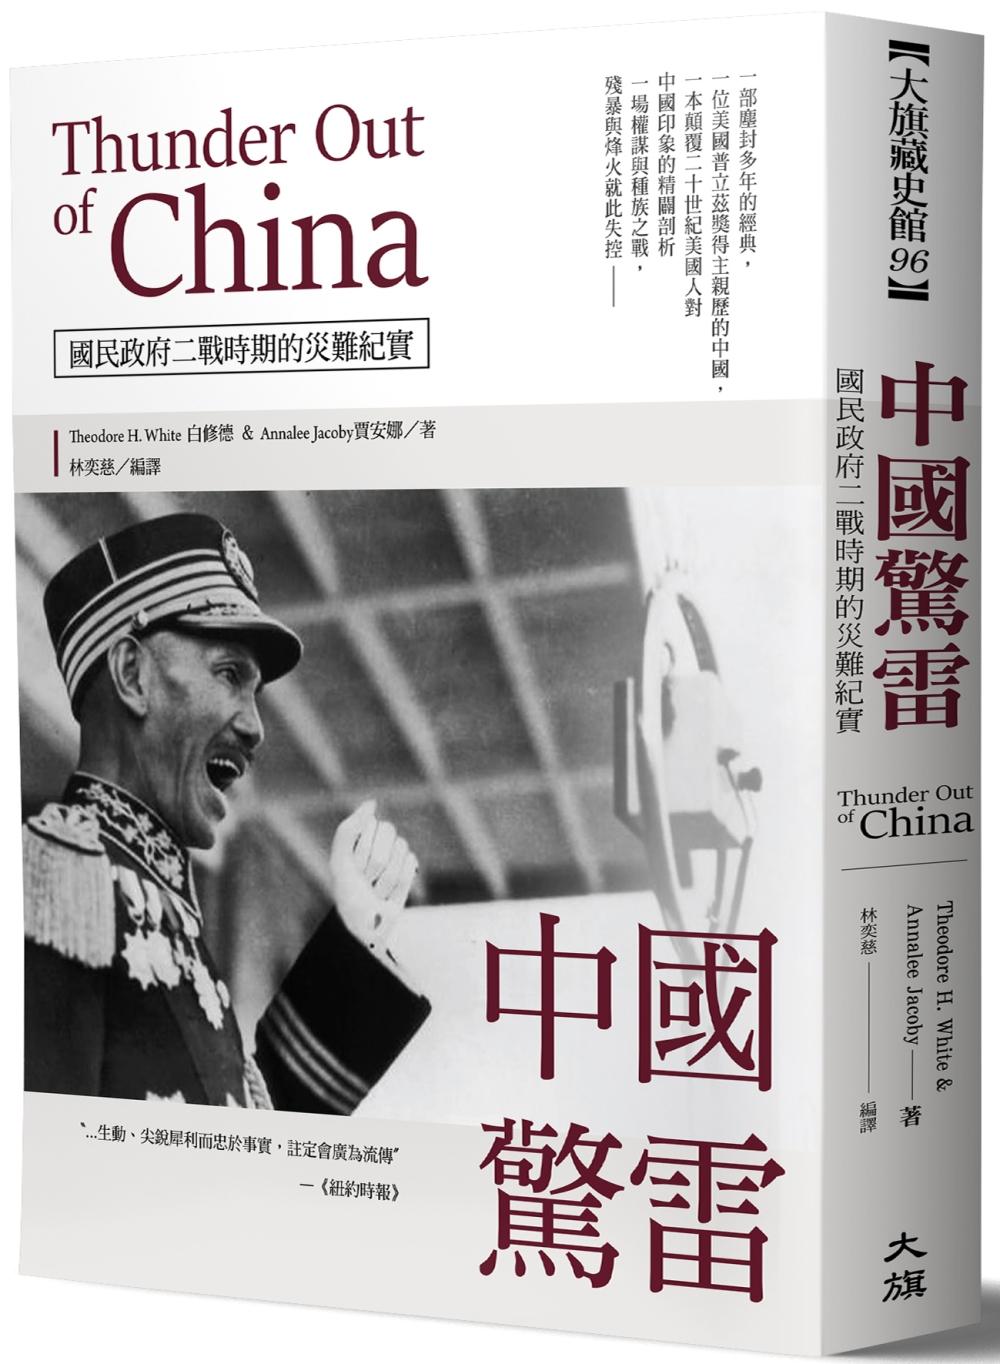 ◤博客來BOOKS◢ 暢銷書榜《推薦》中國驚雷:Thunder Out of China國民政府二戰時期的災難紀實